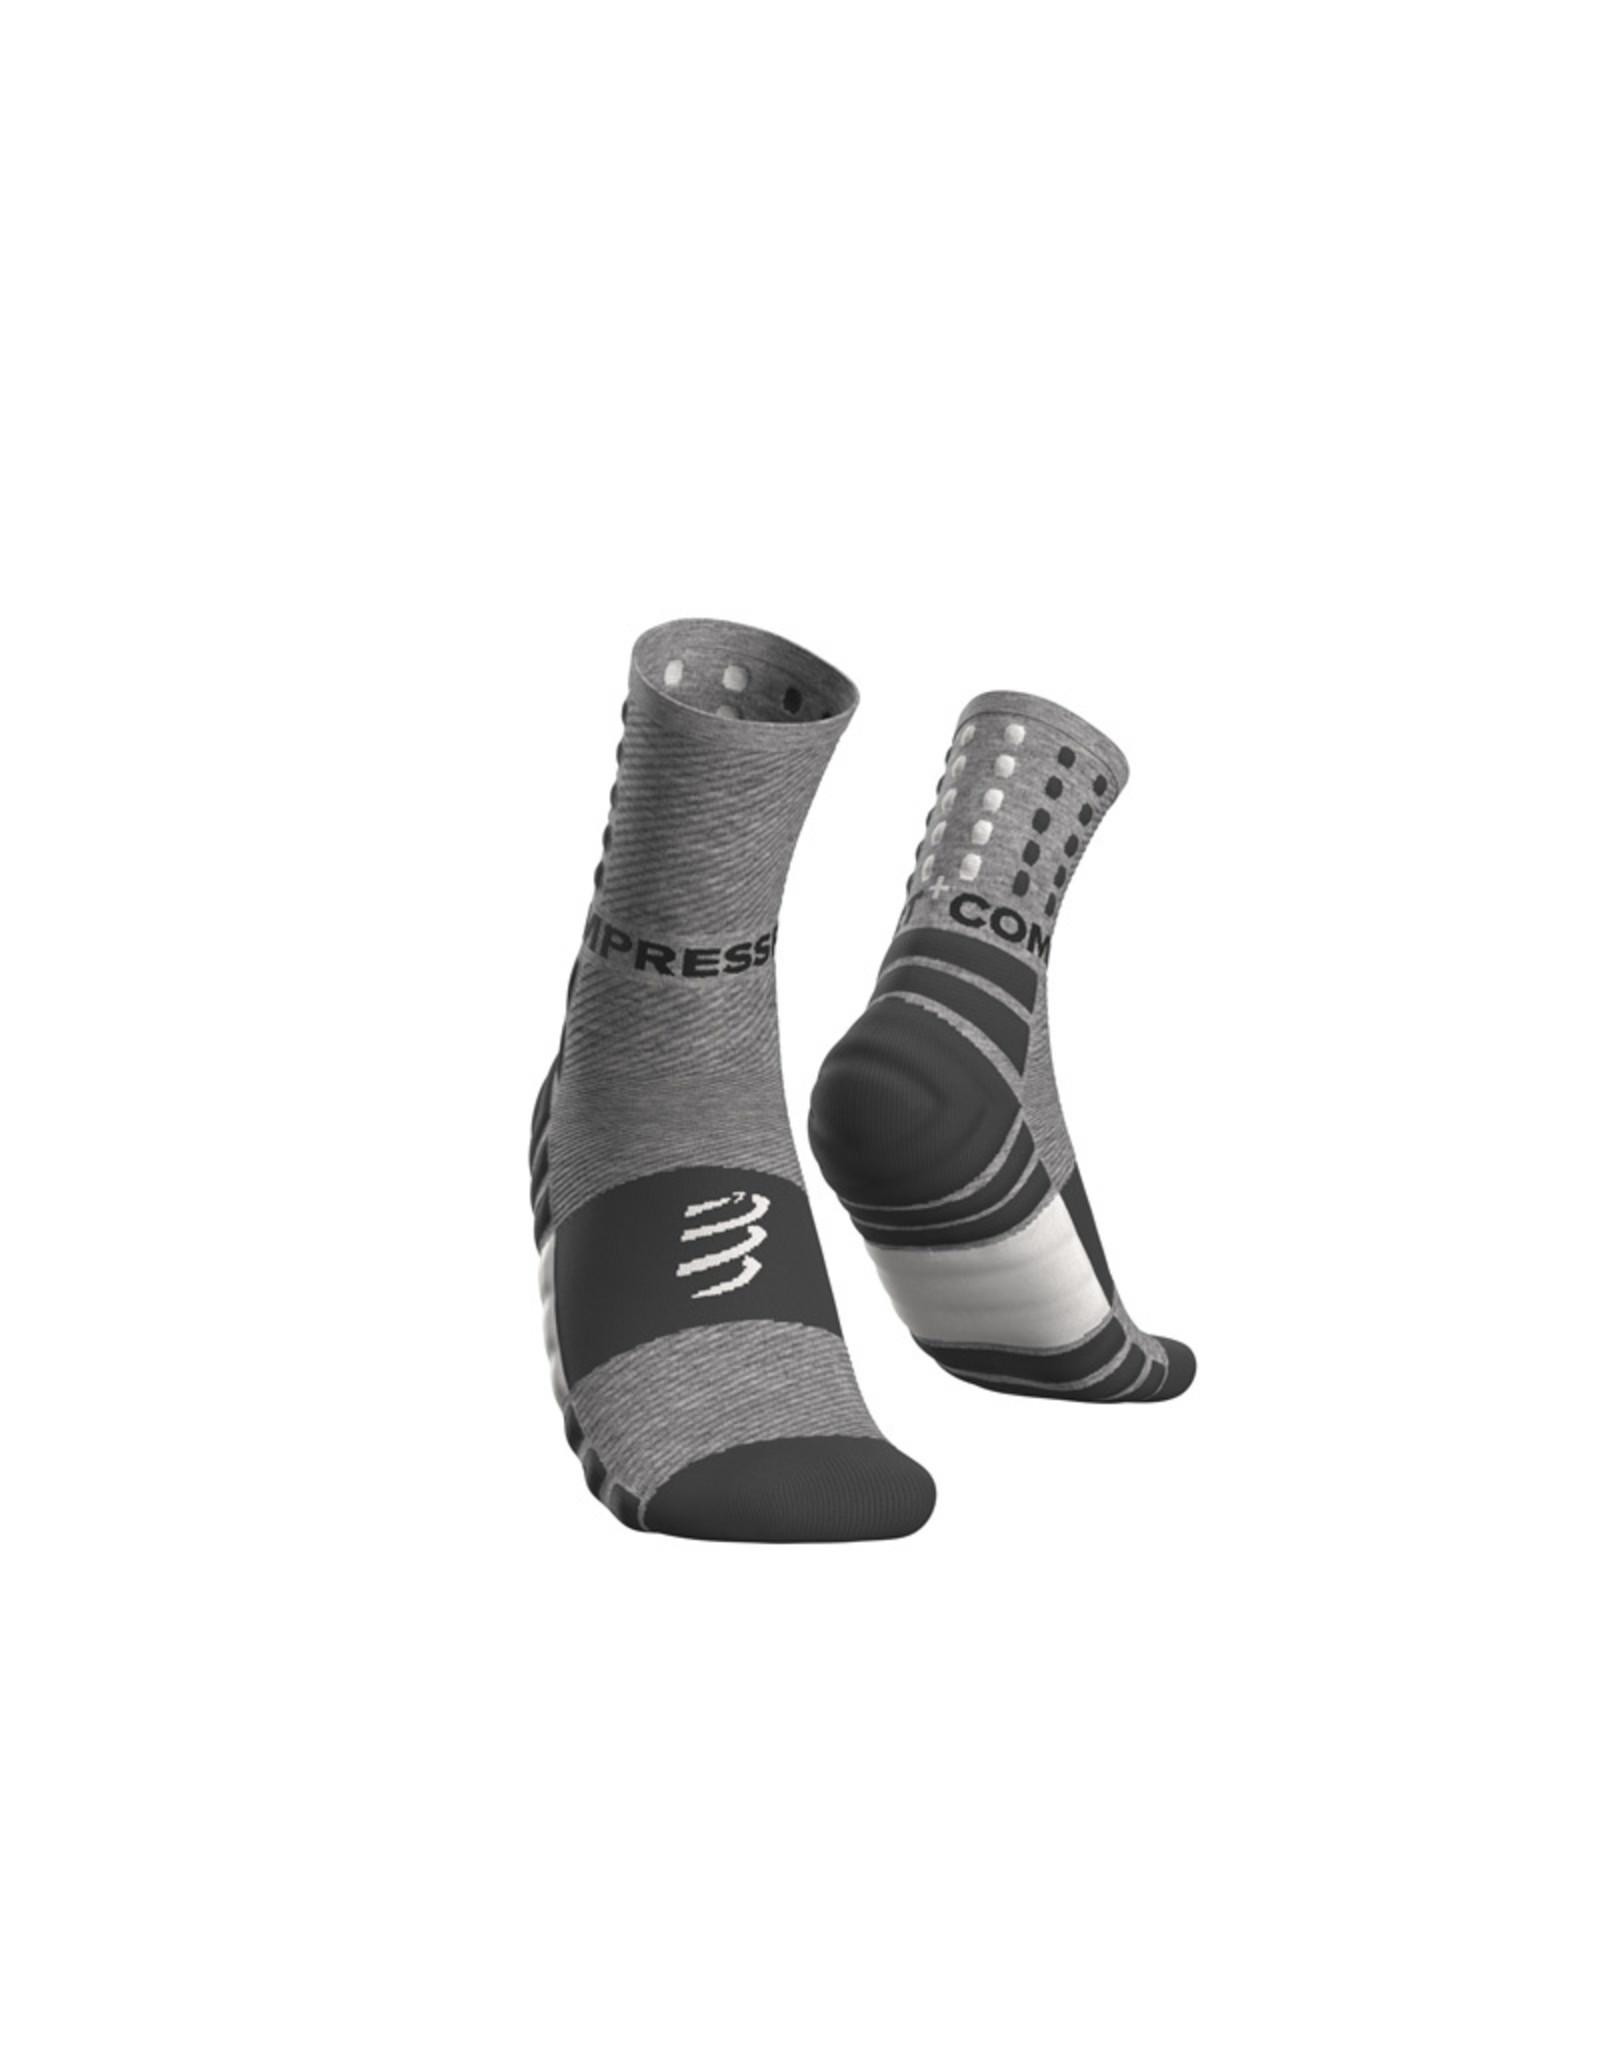 Compressport Shock Absorb Socks Hardloopsokken Hoog - Grijs